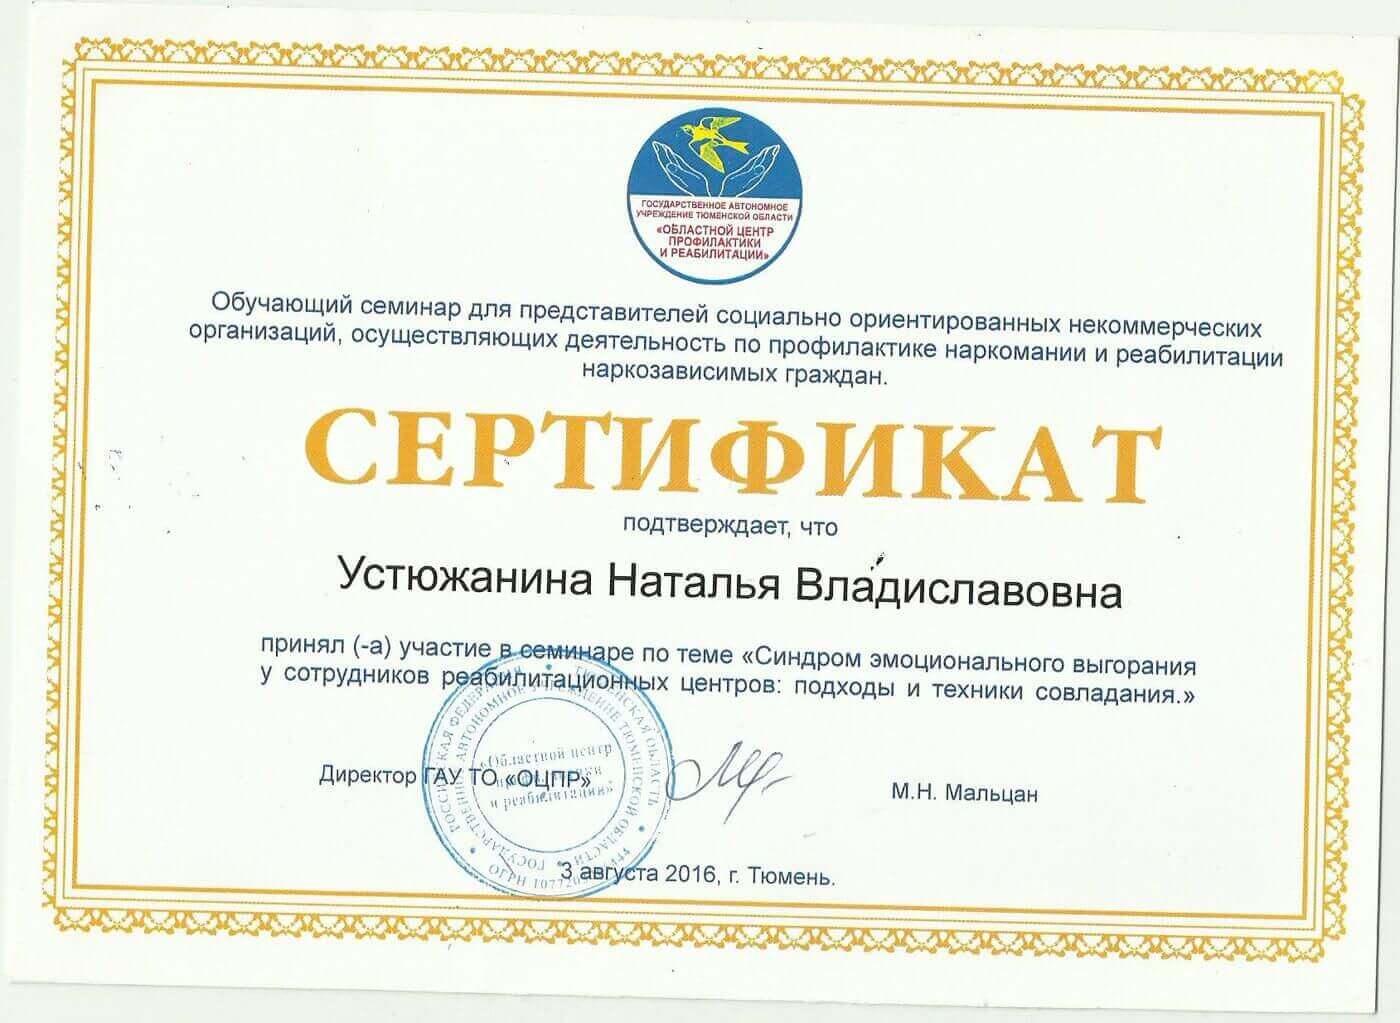 Сертификат Устюжаниной Н. В. сотрудничество реабилитационных центров